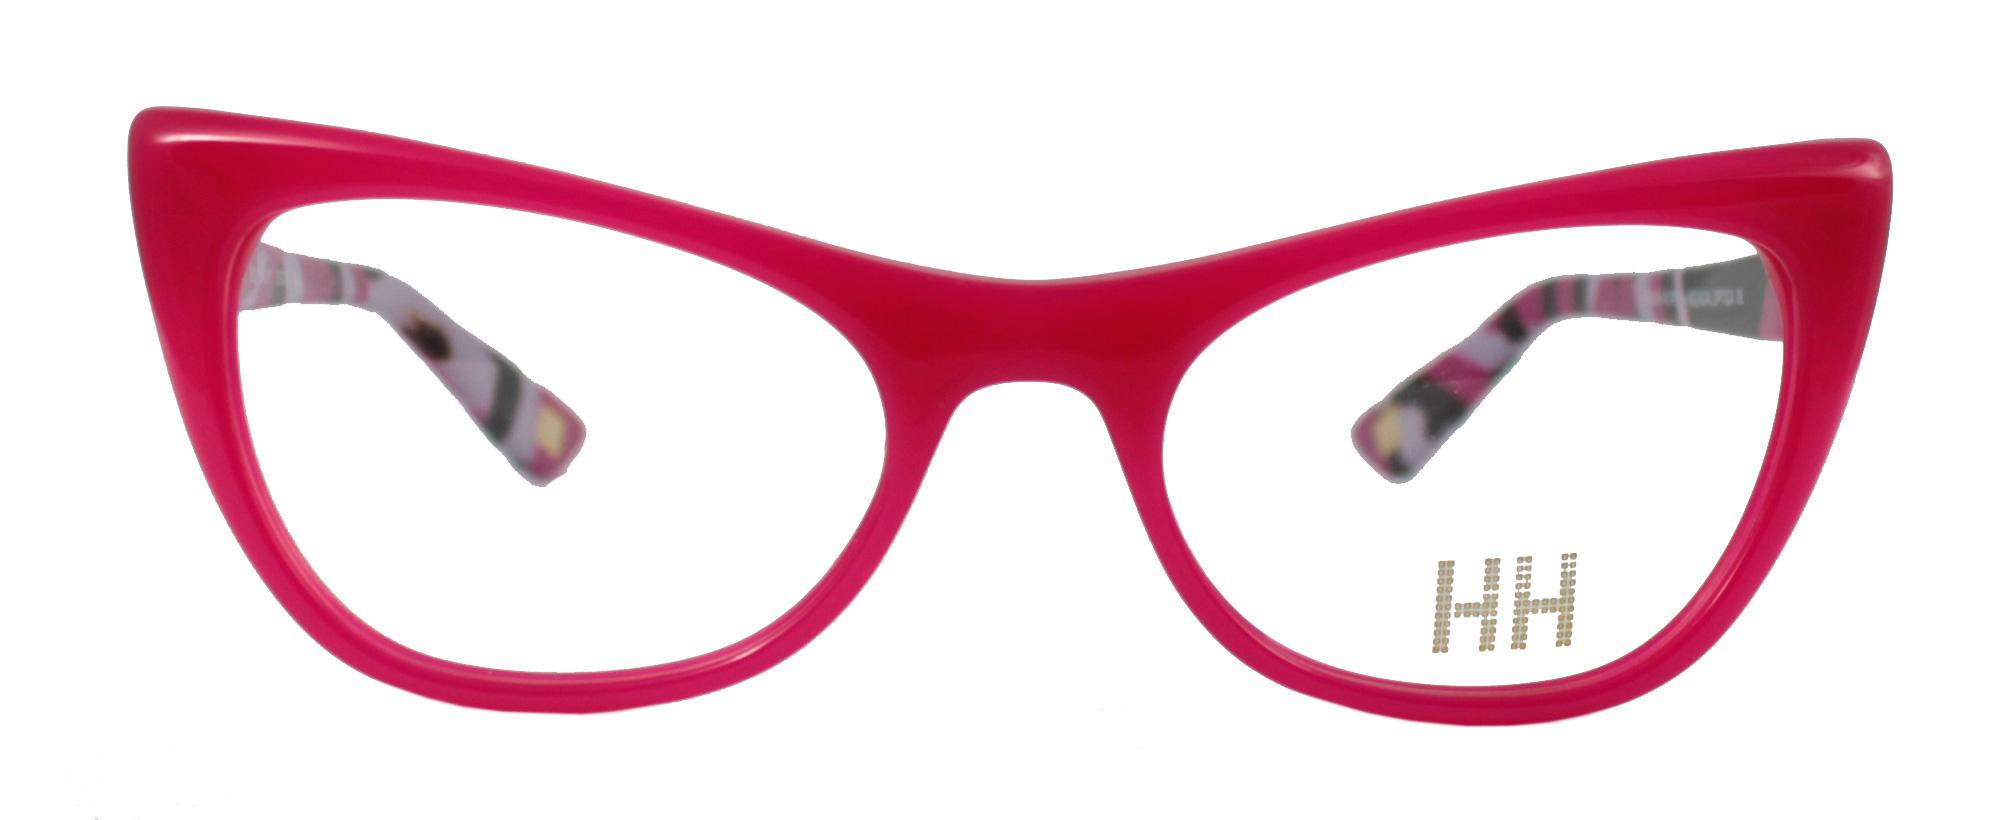 Año nuevo, gafas nuevas! Elige tus gafas para 2018   Medical Óptica